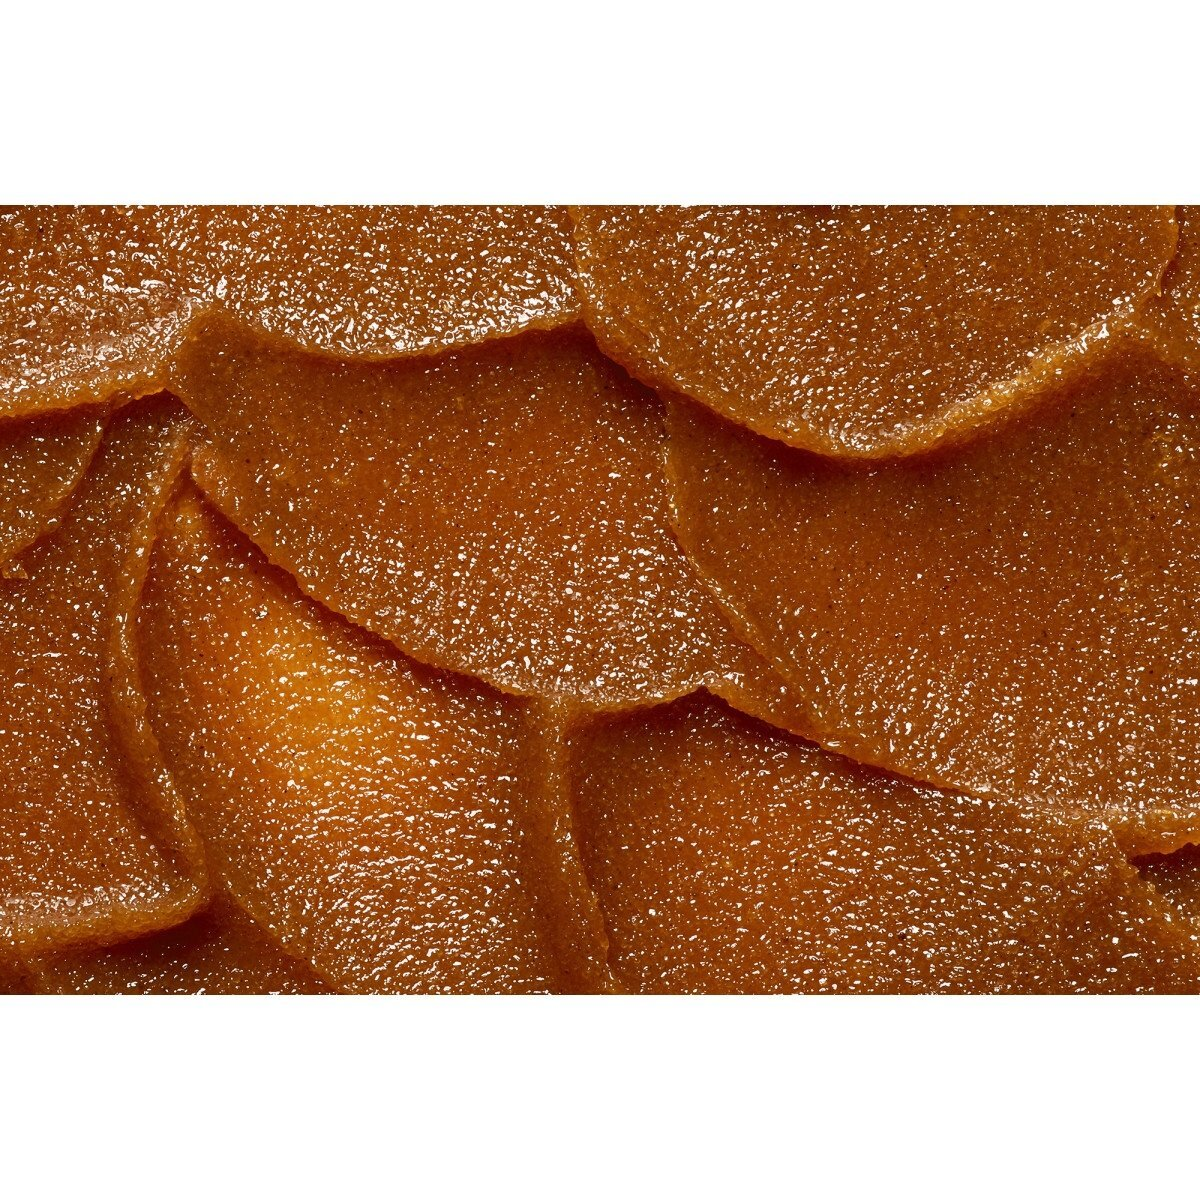 Şeker Peeling Işıltı Canlandırıcı 50ml